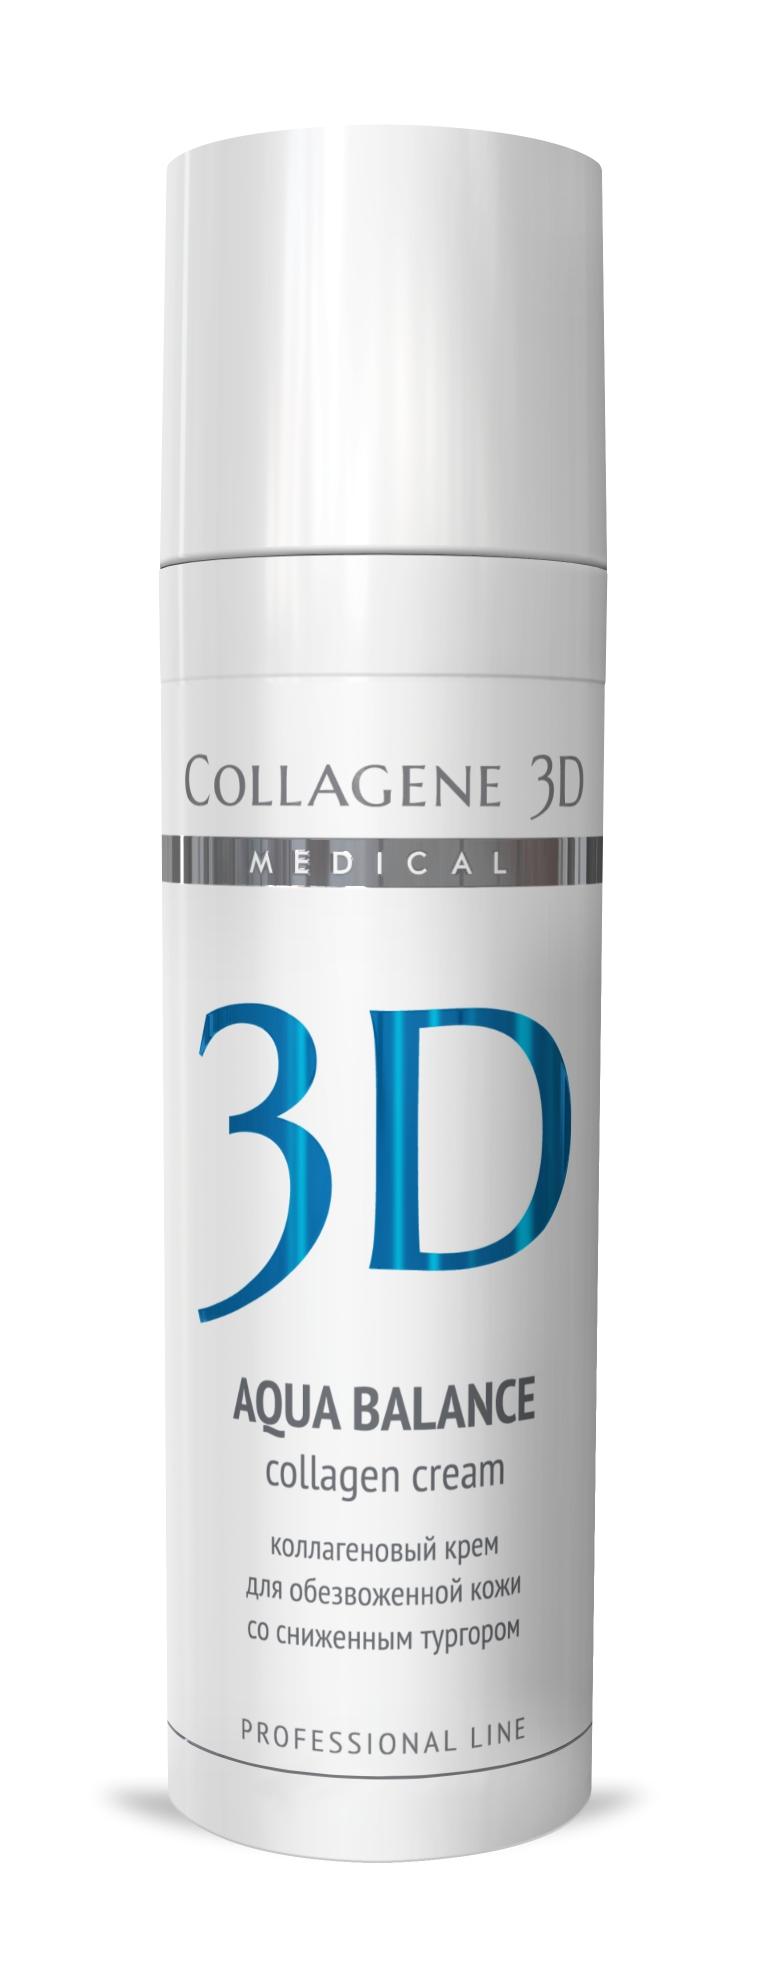 MEDICAL COLLAGENE 3D Крем с коллагеном и гиалуроновой кислотой для лица Aqua Balance 30мл проф.Кремы<br>Легкая нежирная текстура крема быстро впитывается, служит прекрасной основой под макияж. Нативный коллаген и гиалуроновая кислота способствуют омоложению и разглаживанию морщин изнутри, натуральные масла оливы и персика питают, увлажняют, обеспечивают естественную защиту, пантенол способствует заживлению и обновлению кожи, витамины А и Е   мощные липофильные антиоксиданты. Активные ингредиенты: нативный трехспиральный коллаген, гиалуроновая кислота, масло оливы, персиковое масло, пантенол, витамин А, витамин Е. Способ применения: нанести тонким слоем на предварительно очищенную кожу лица, шеи и область декольте. Кремы рекомендуются как для экспресс-процедур, так и для курсового применения. Курсовое применение: 8-10 процедур. Проводить по 1 процедуре ежедневно или через день. Поддерживающие процедуры следует проводить 1 раз в неделю.<br><br>Вид средства для лица: Легкий<br>Типы кожи: Сухая и обезвоженная<br>Назначение: Морщины<br>Консистенция: Нежирная